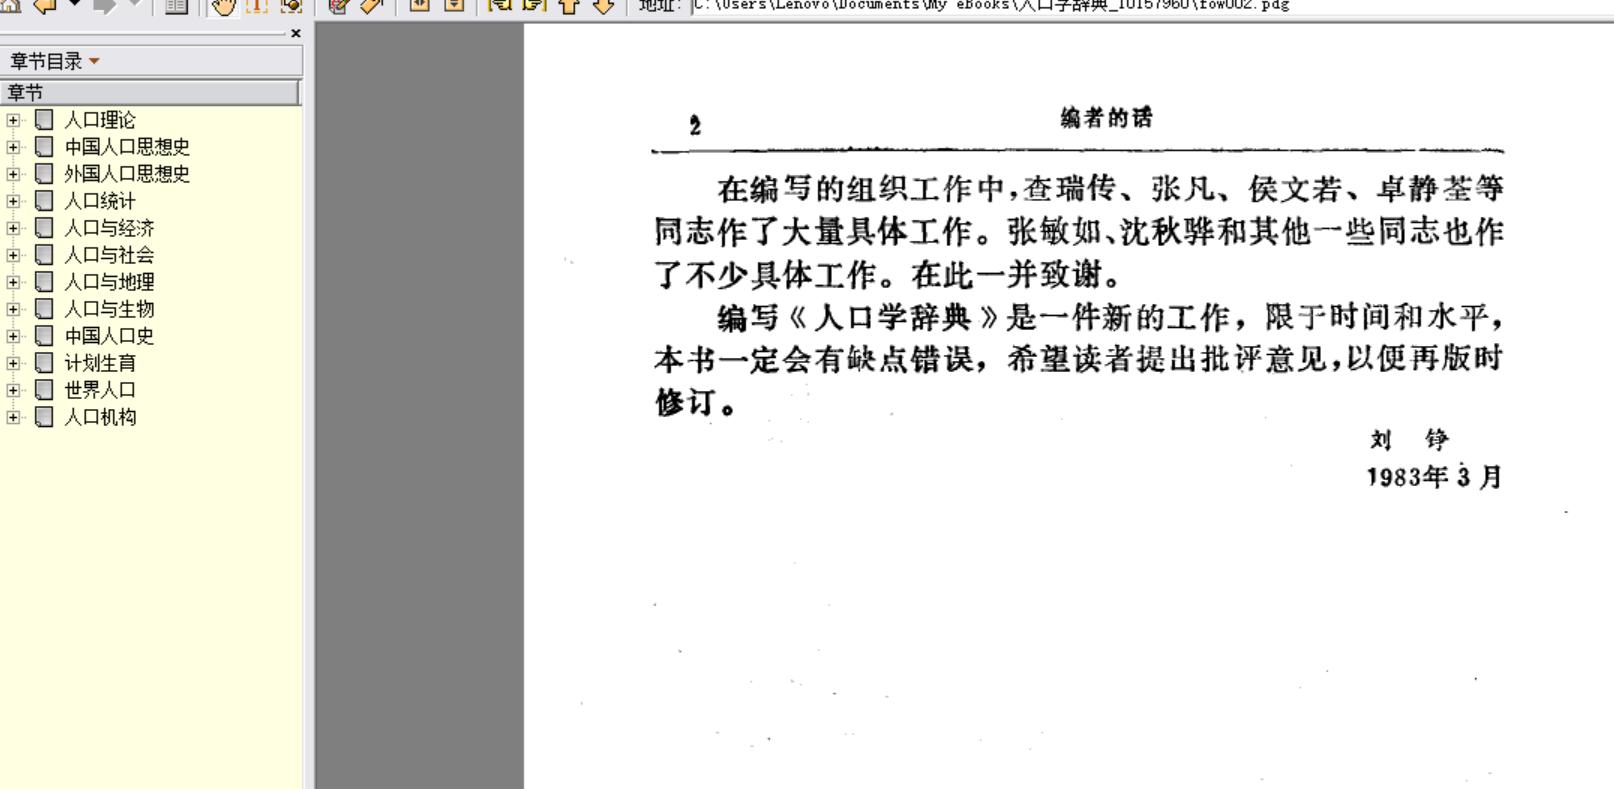 人口学词典_人口学词典362